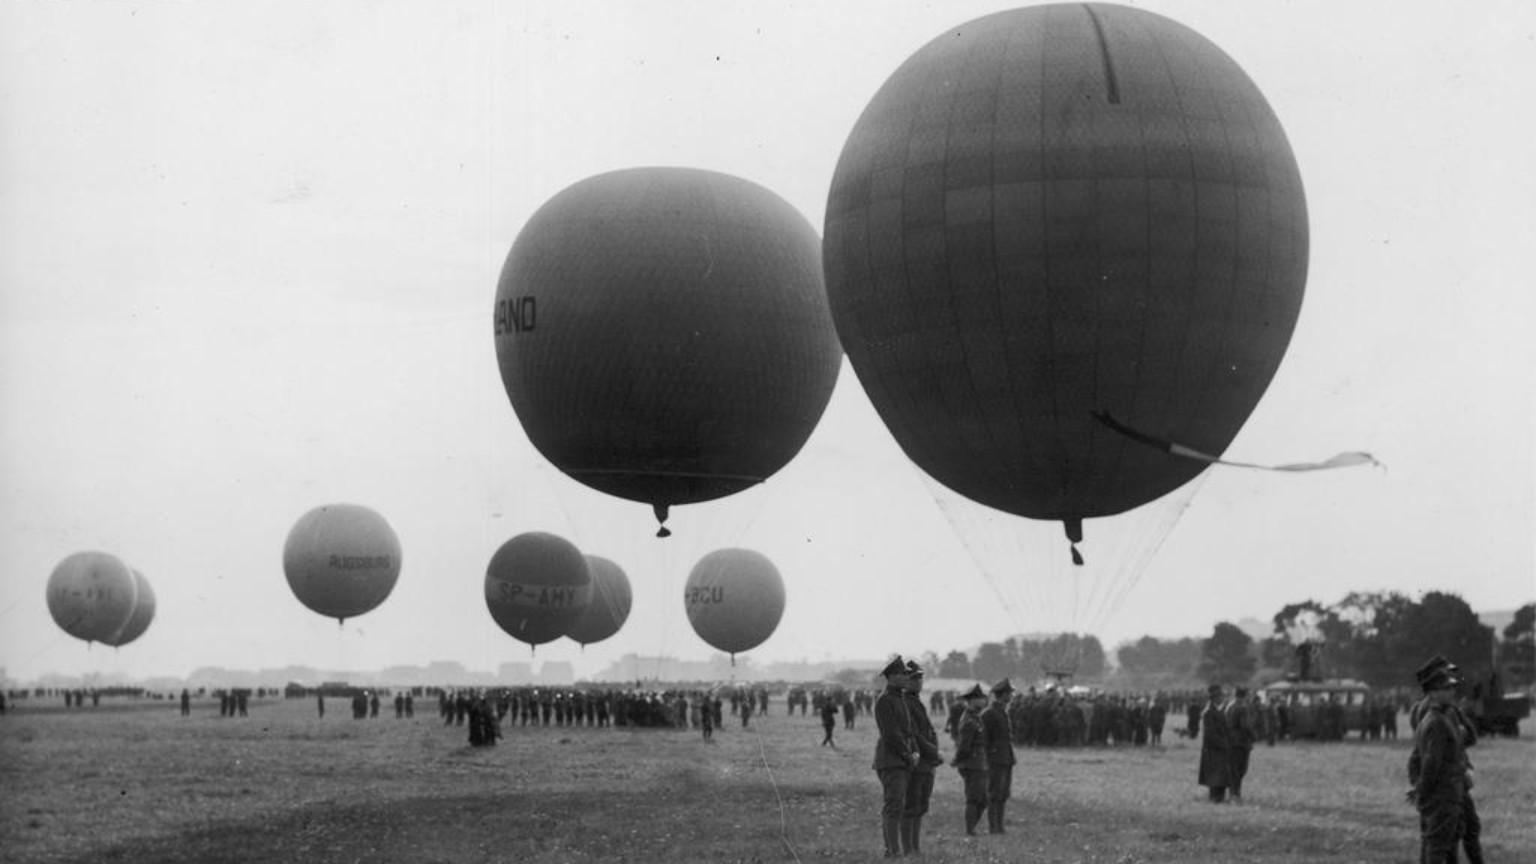 Zdjęcie dla kartki: Rozpoczęcie 24. Międzynarodowych zawodów balonowych o puchar Gordona Bennetta